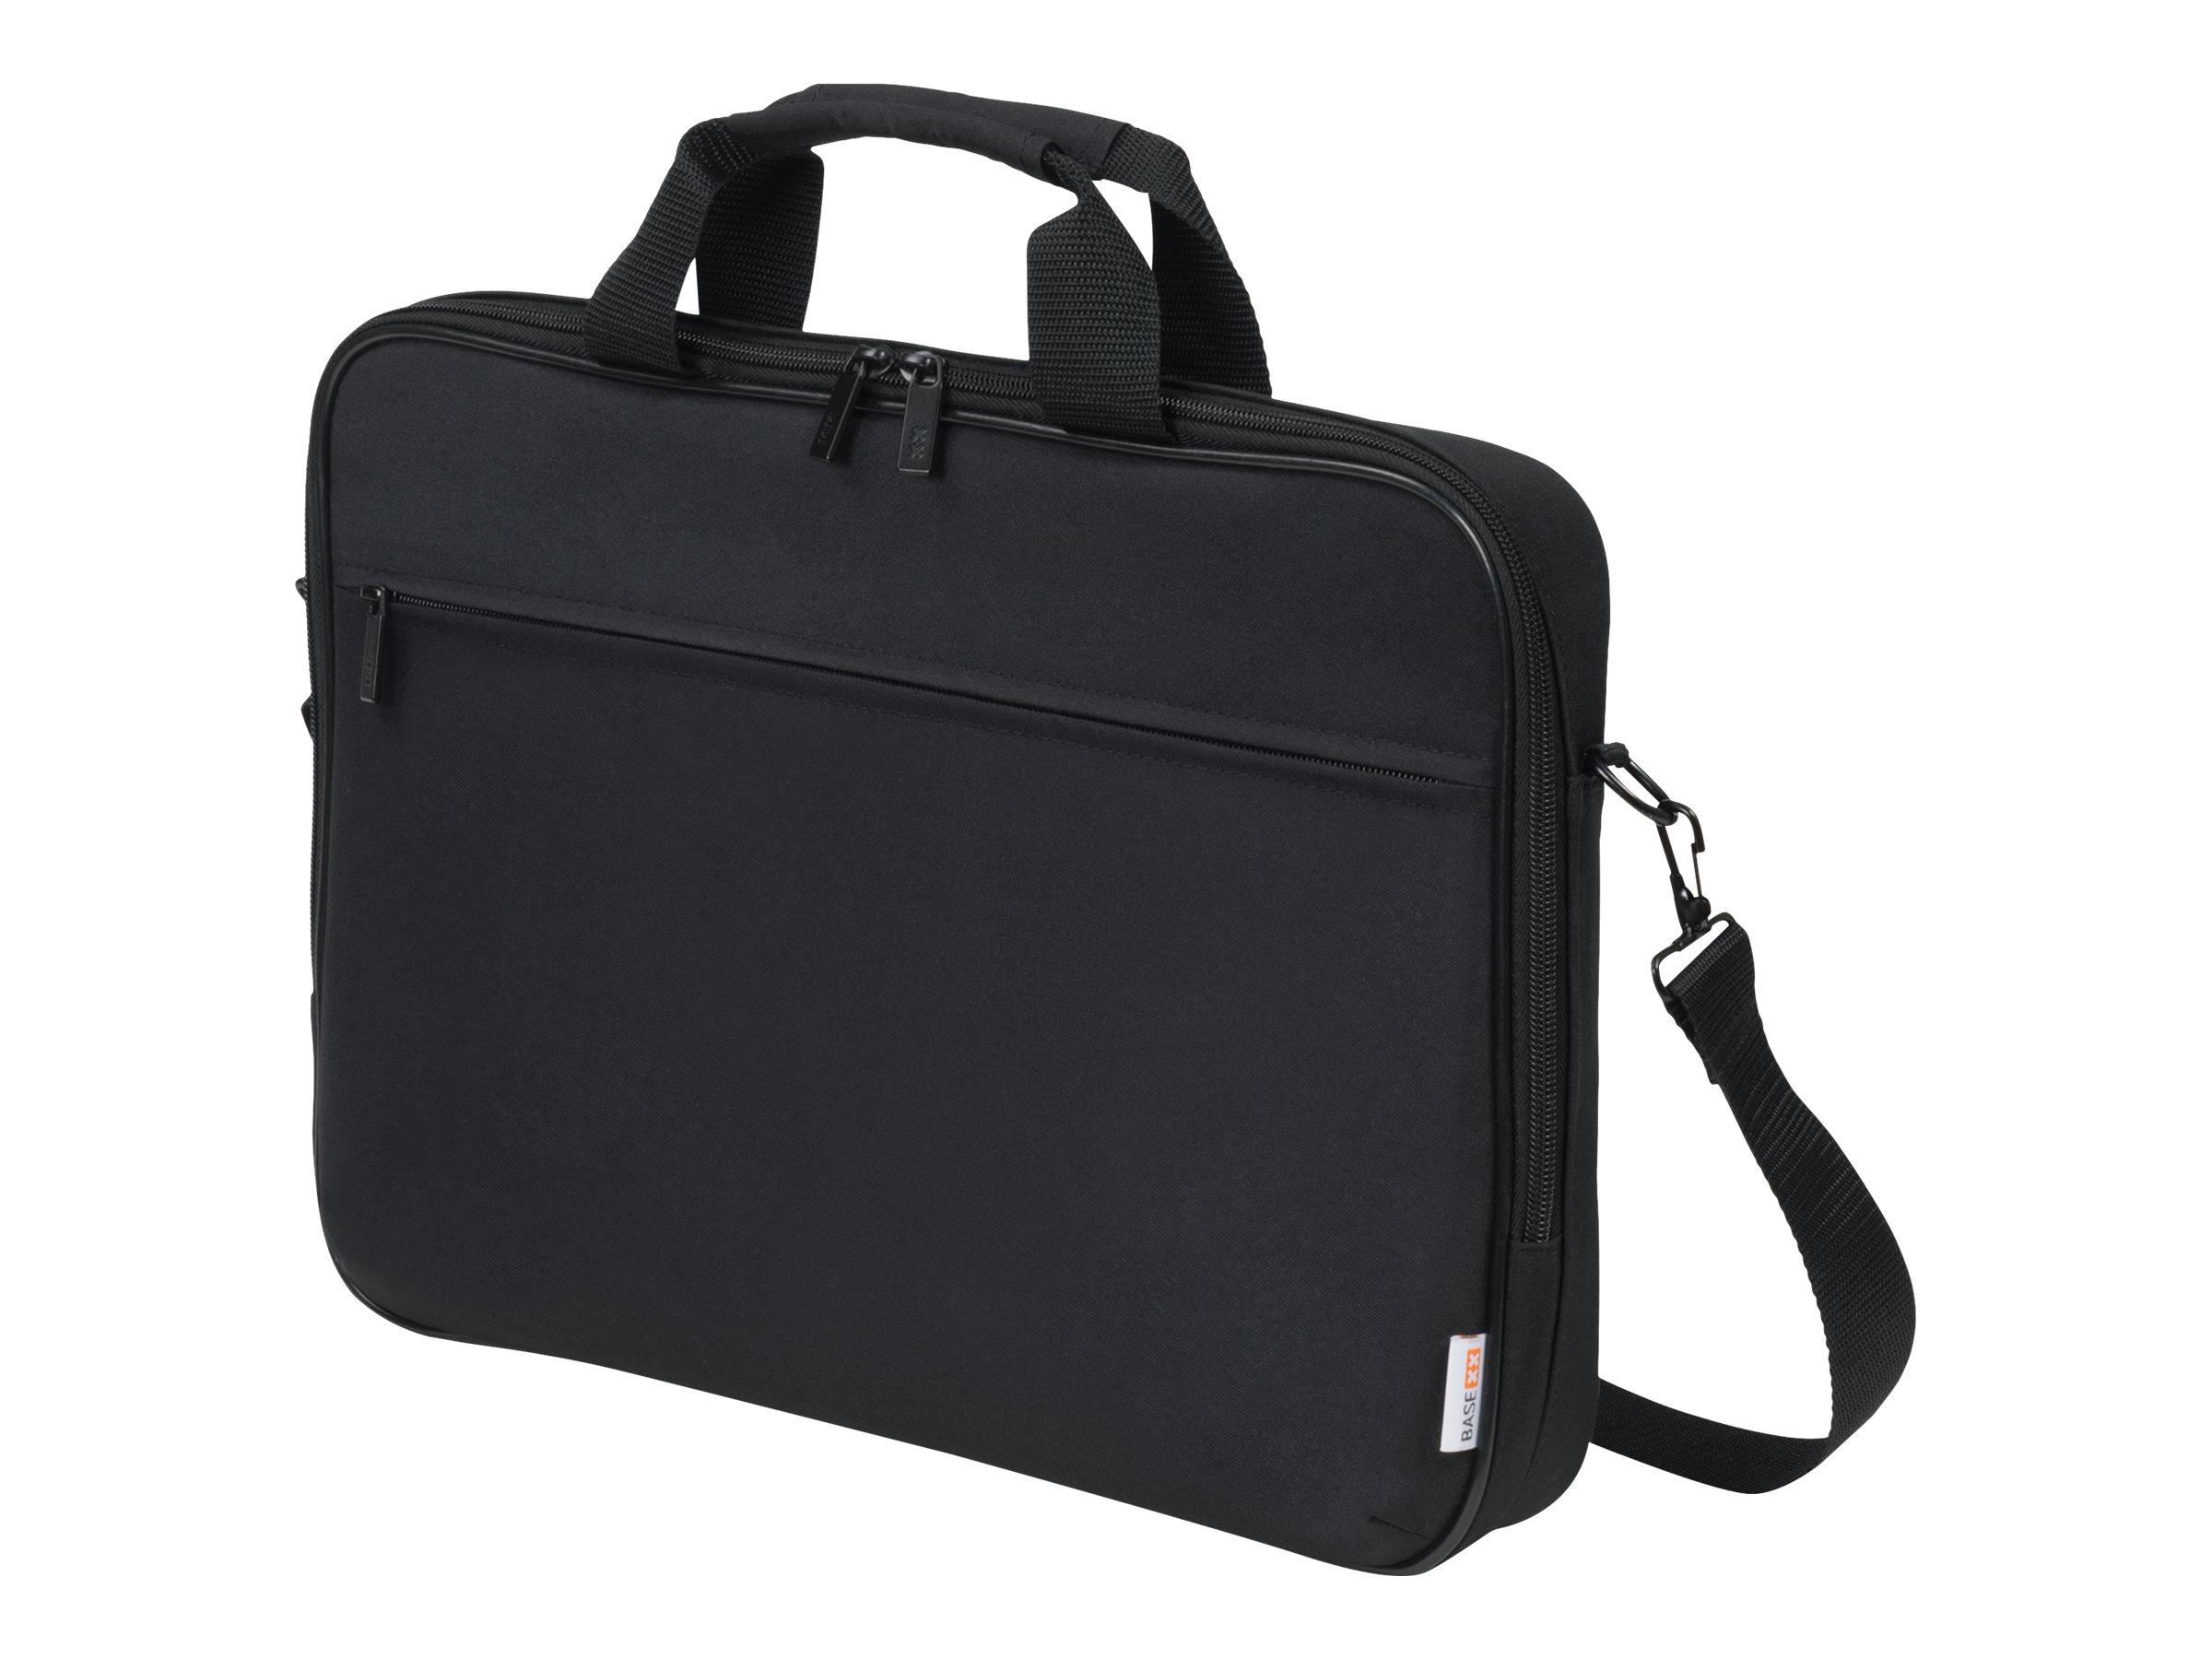 Vorschau: Dicota BASE XX Toploader - Notebook-Tasche - 13